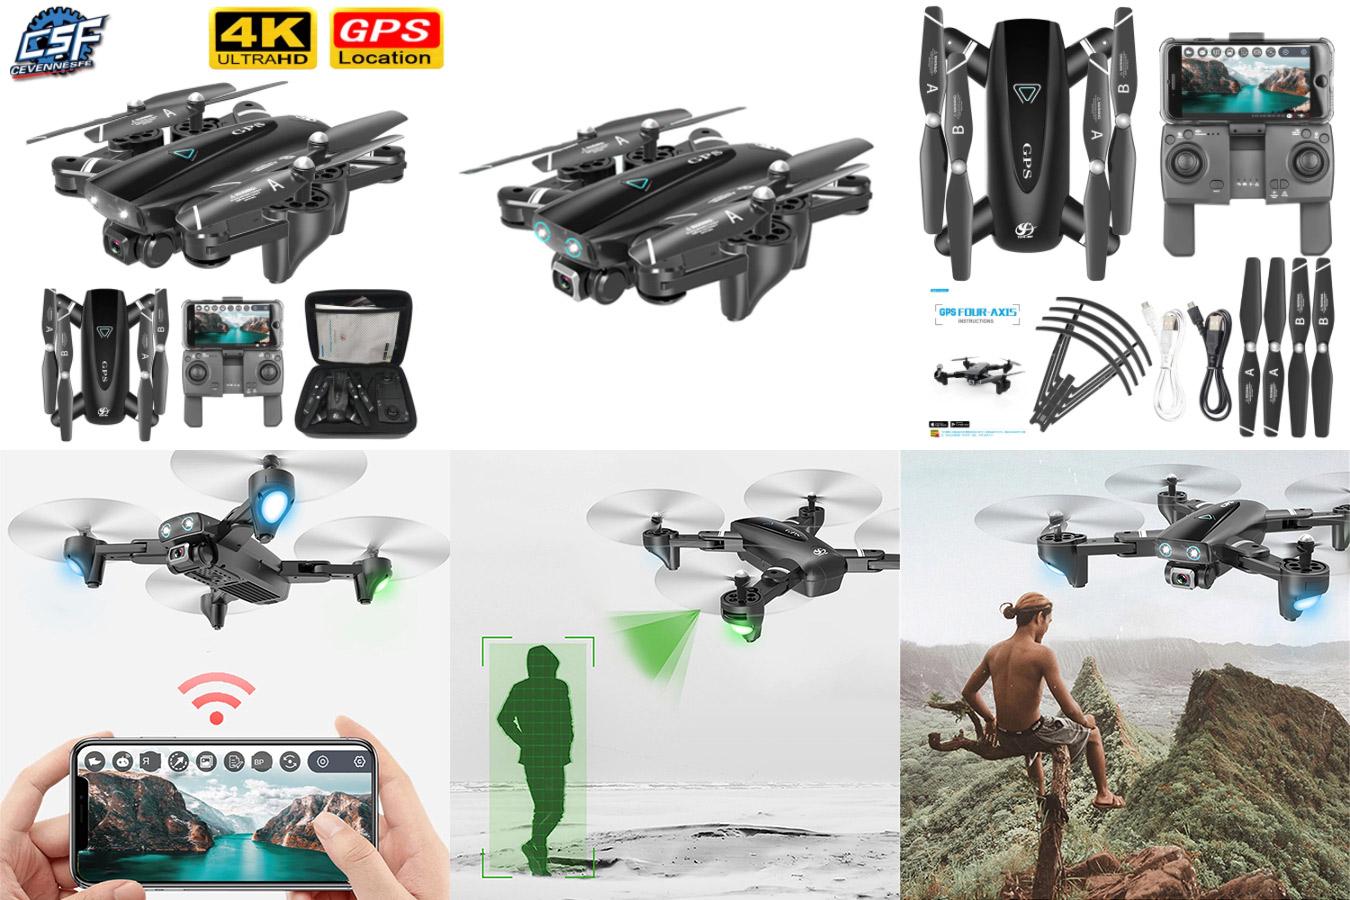 Квадрокоптер S167 c GPS и камерой и поддержкой 5G